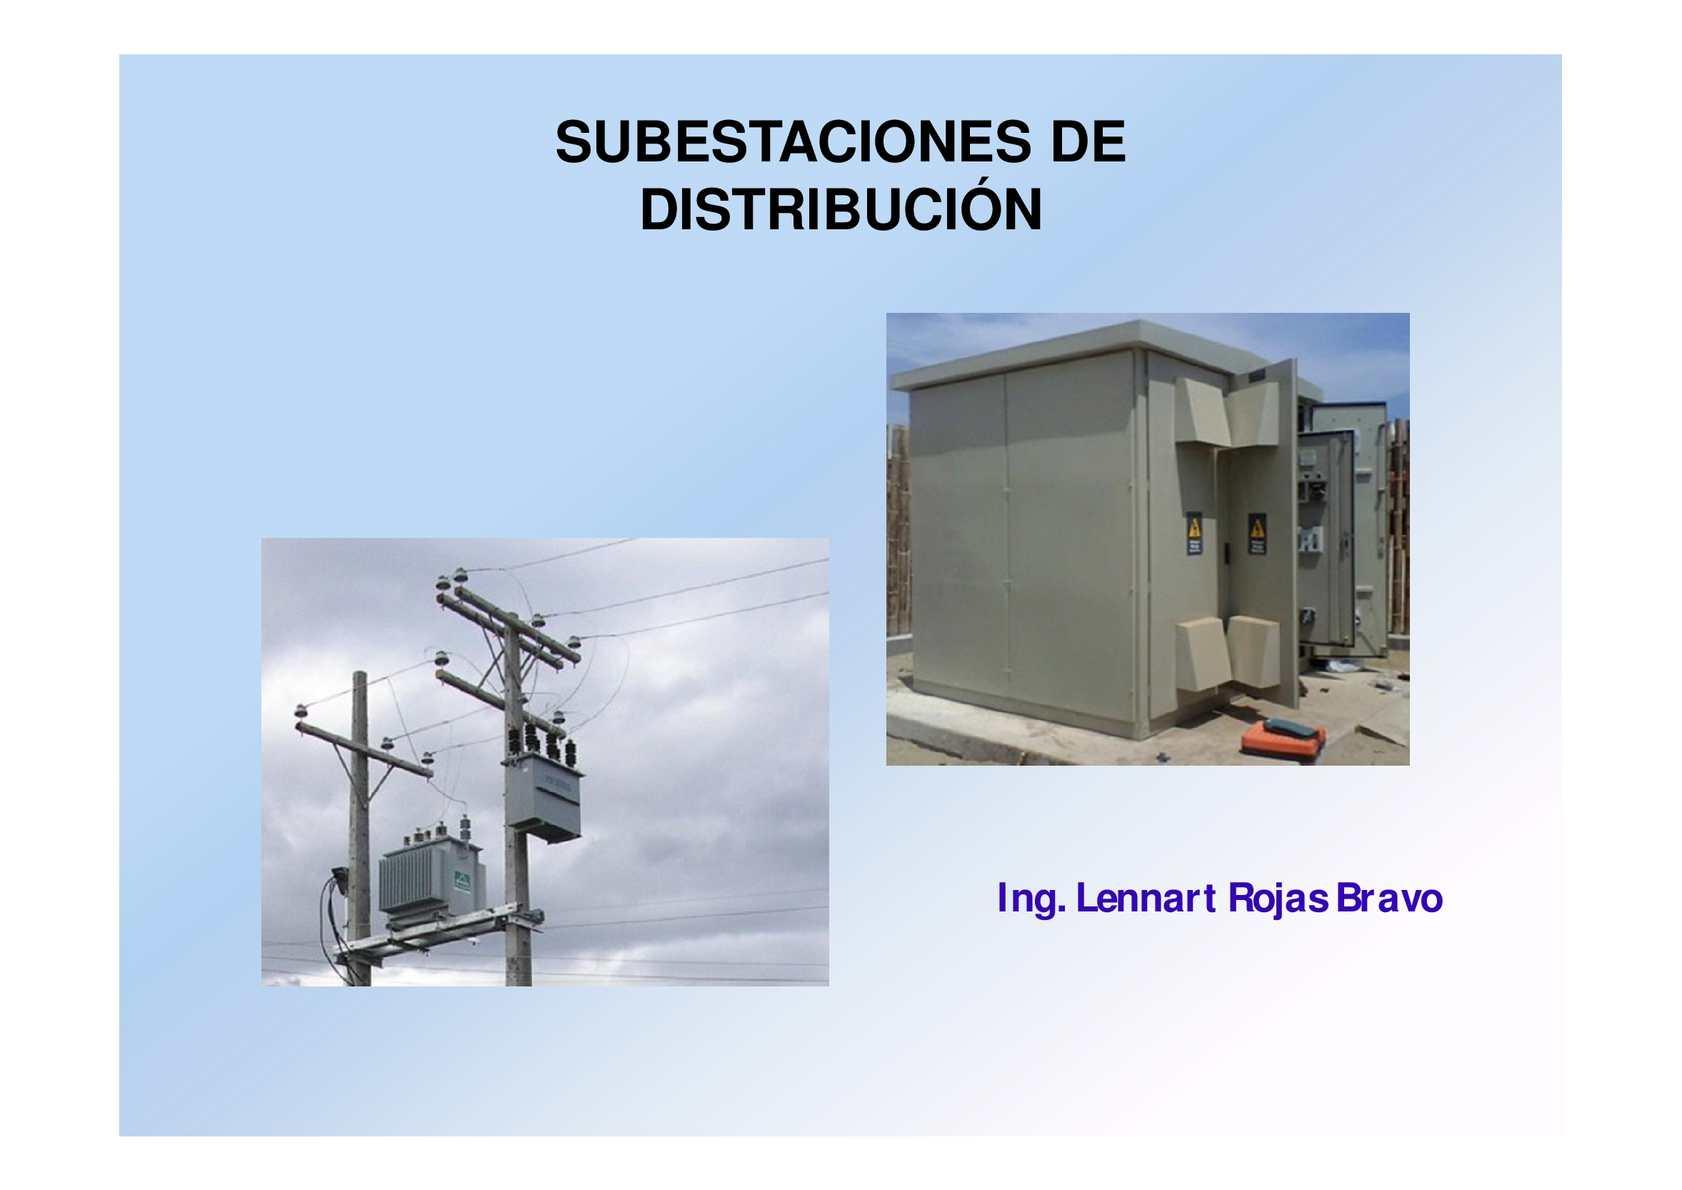 Subestaciones de Distribucion